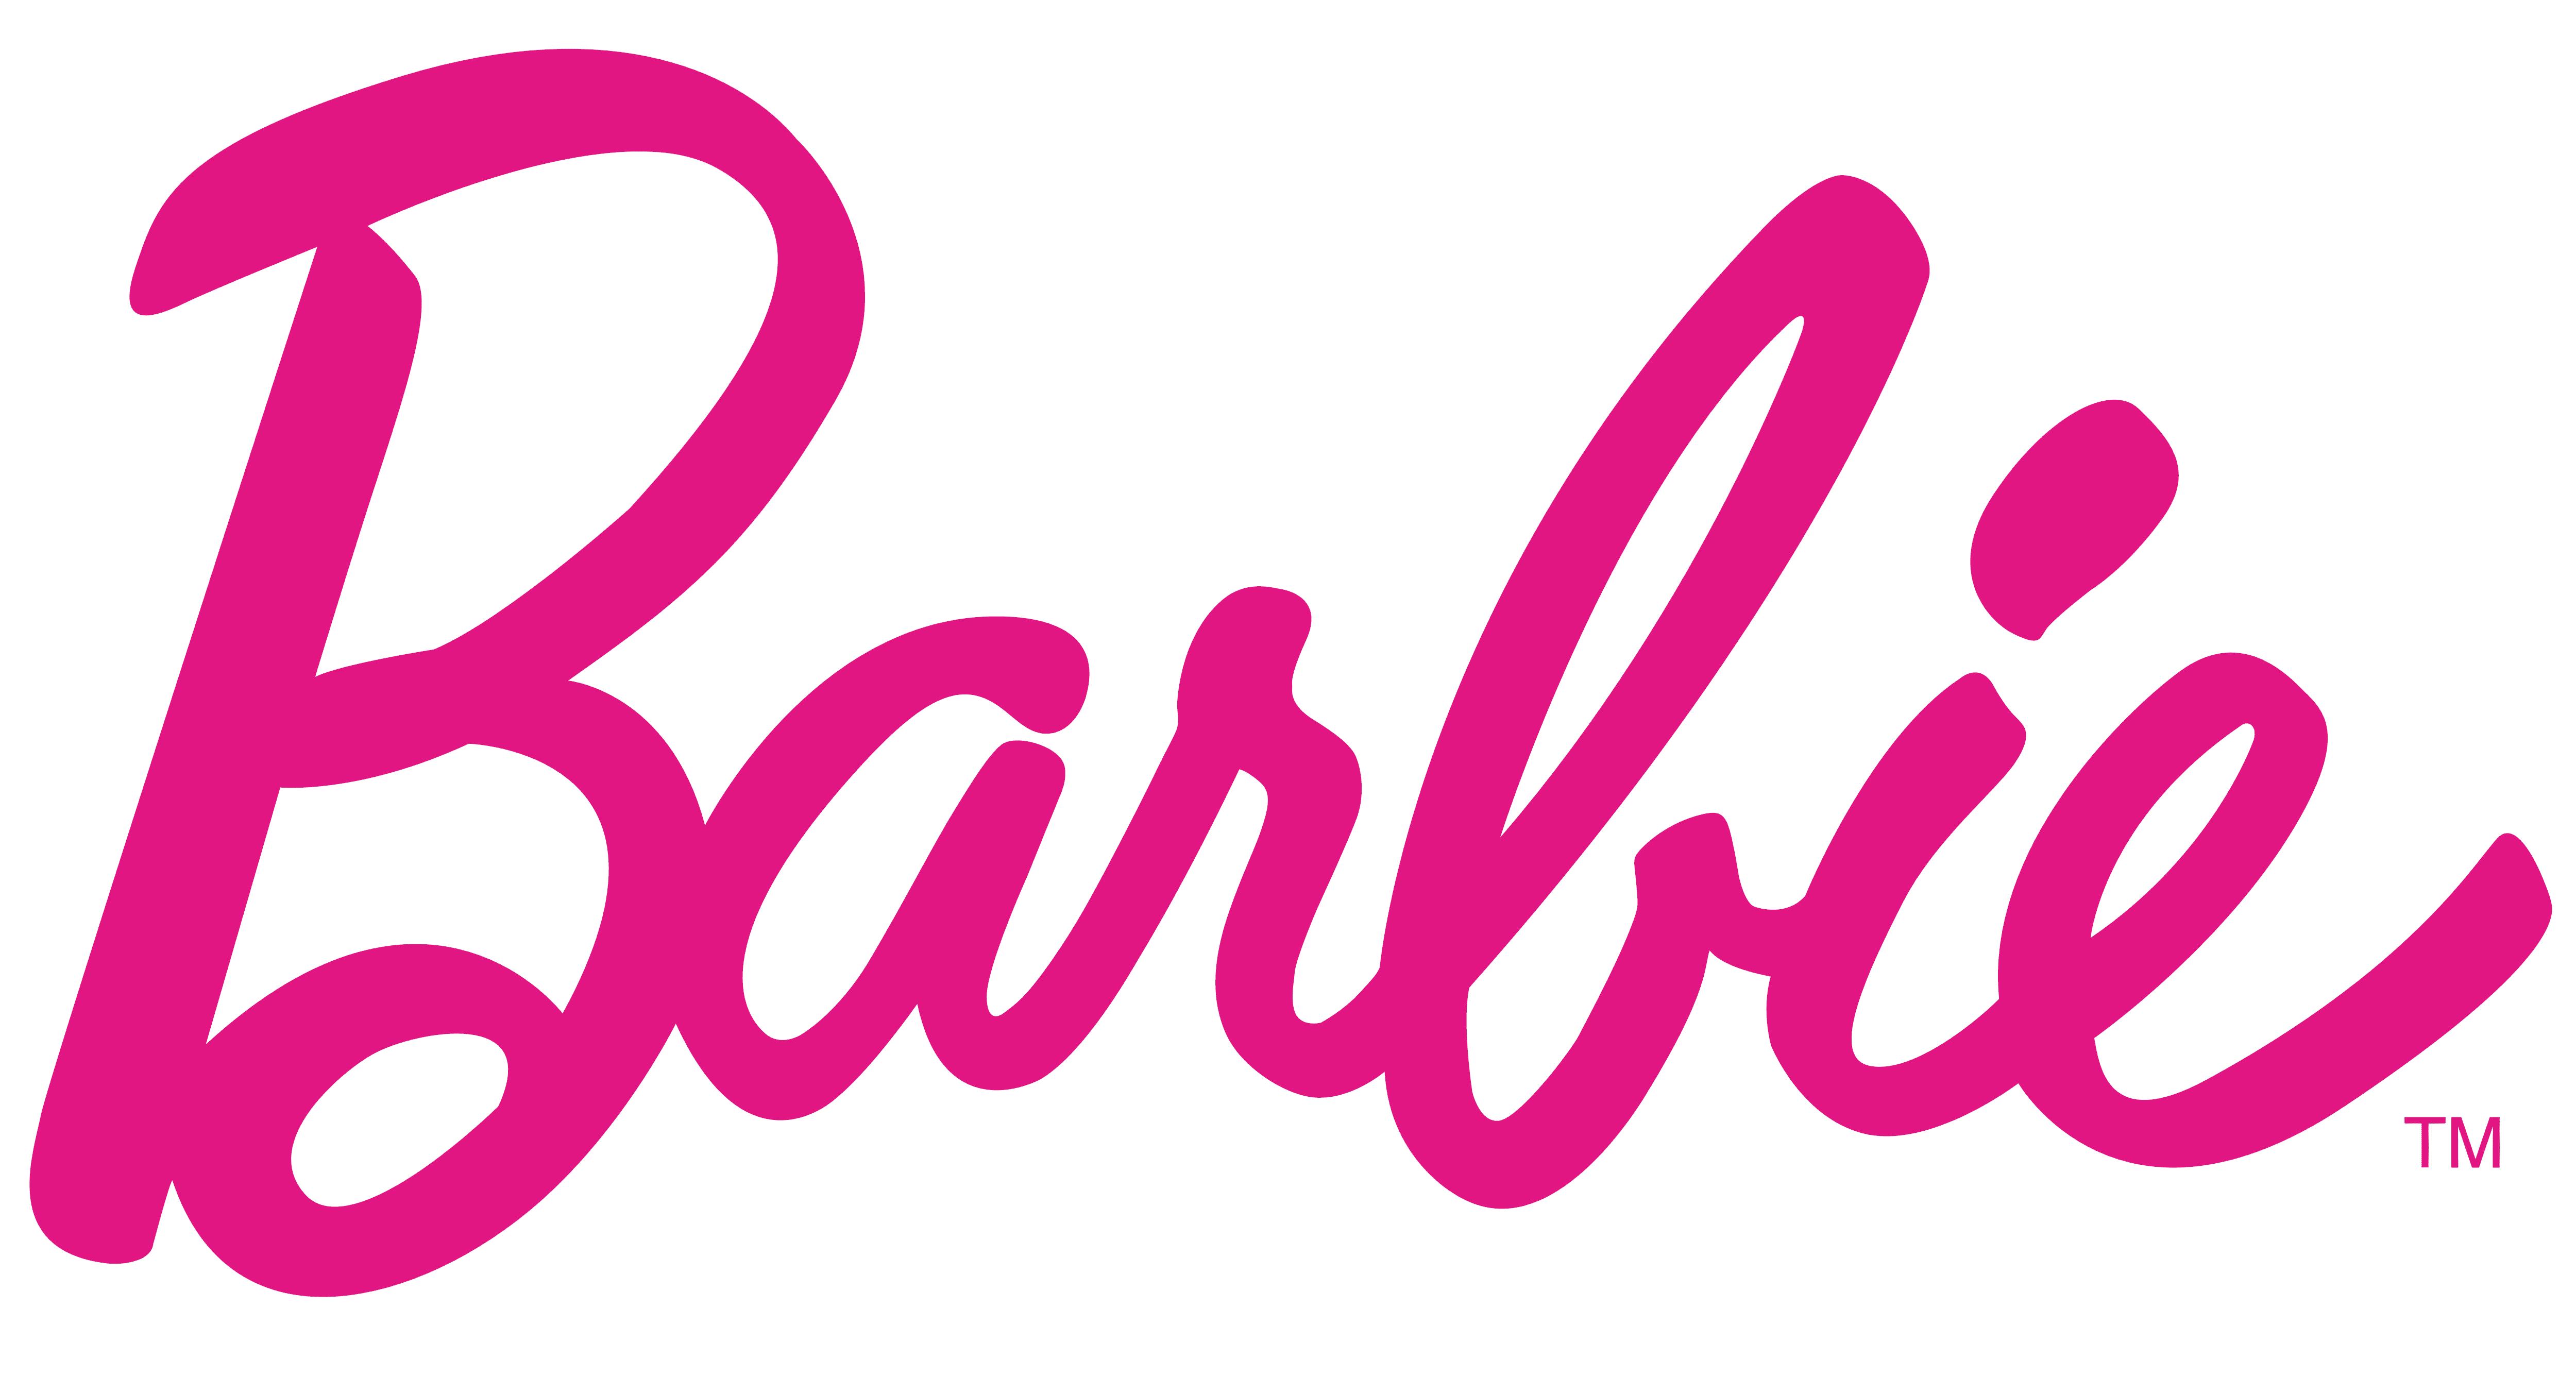 Significado del logo de Barbie